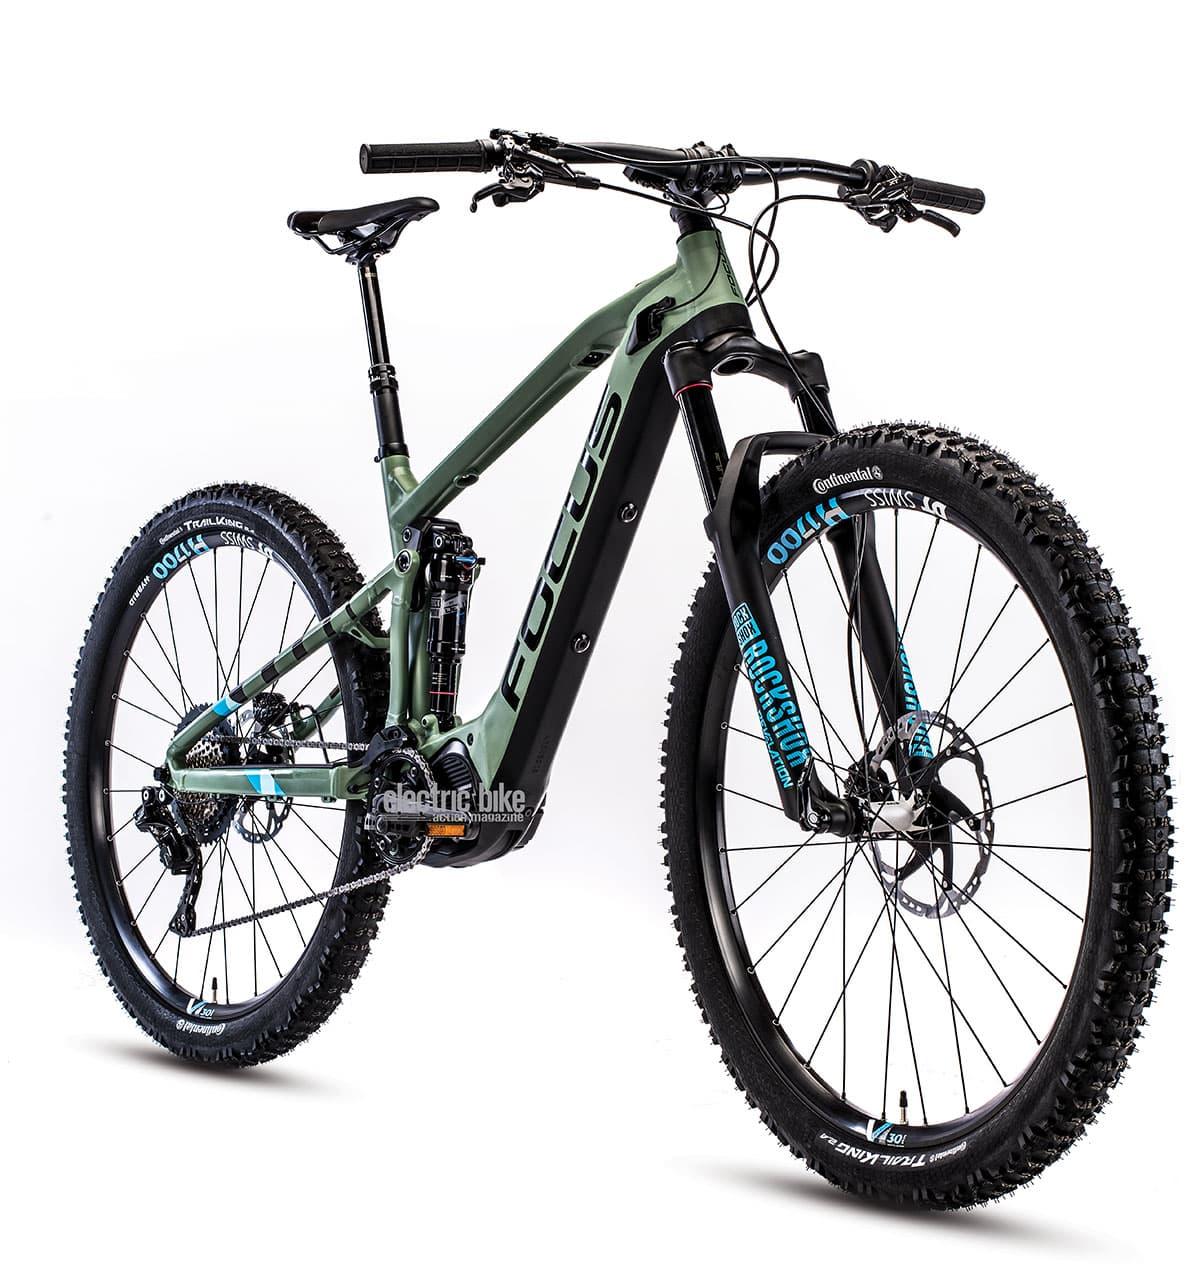 Bike Review Focus Jam 29 Pro